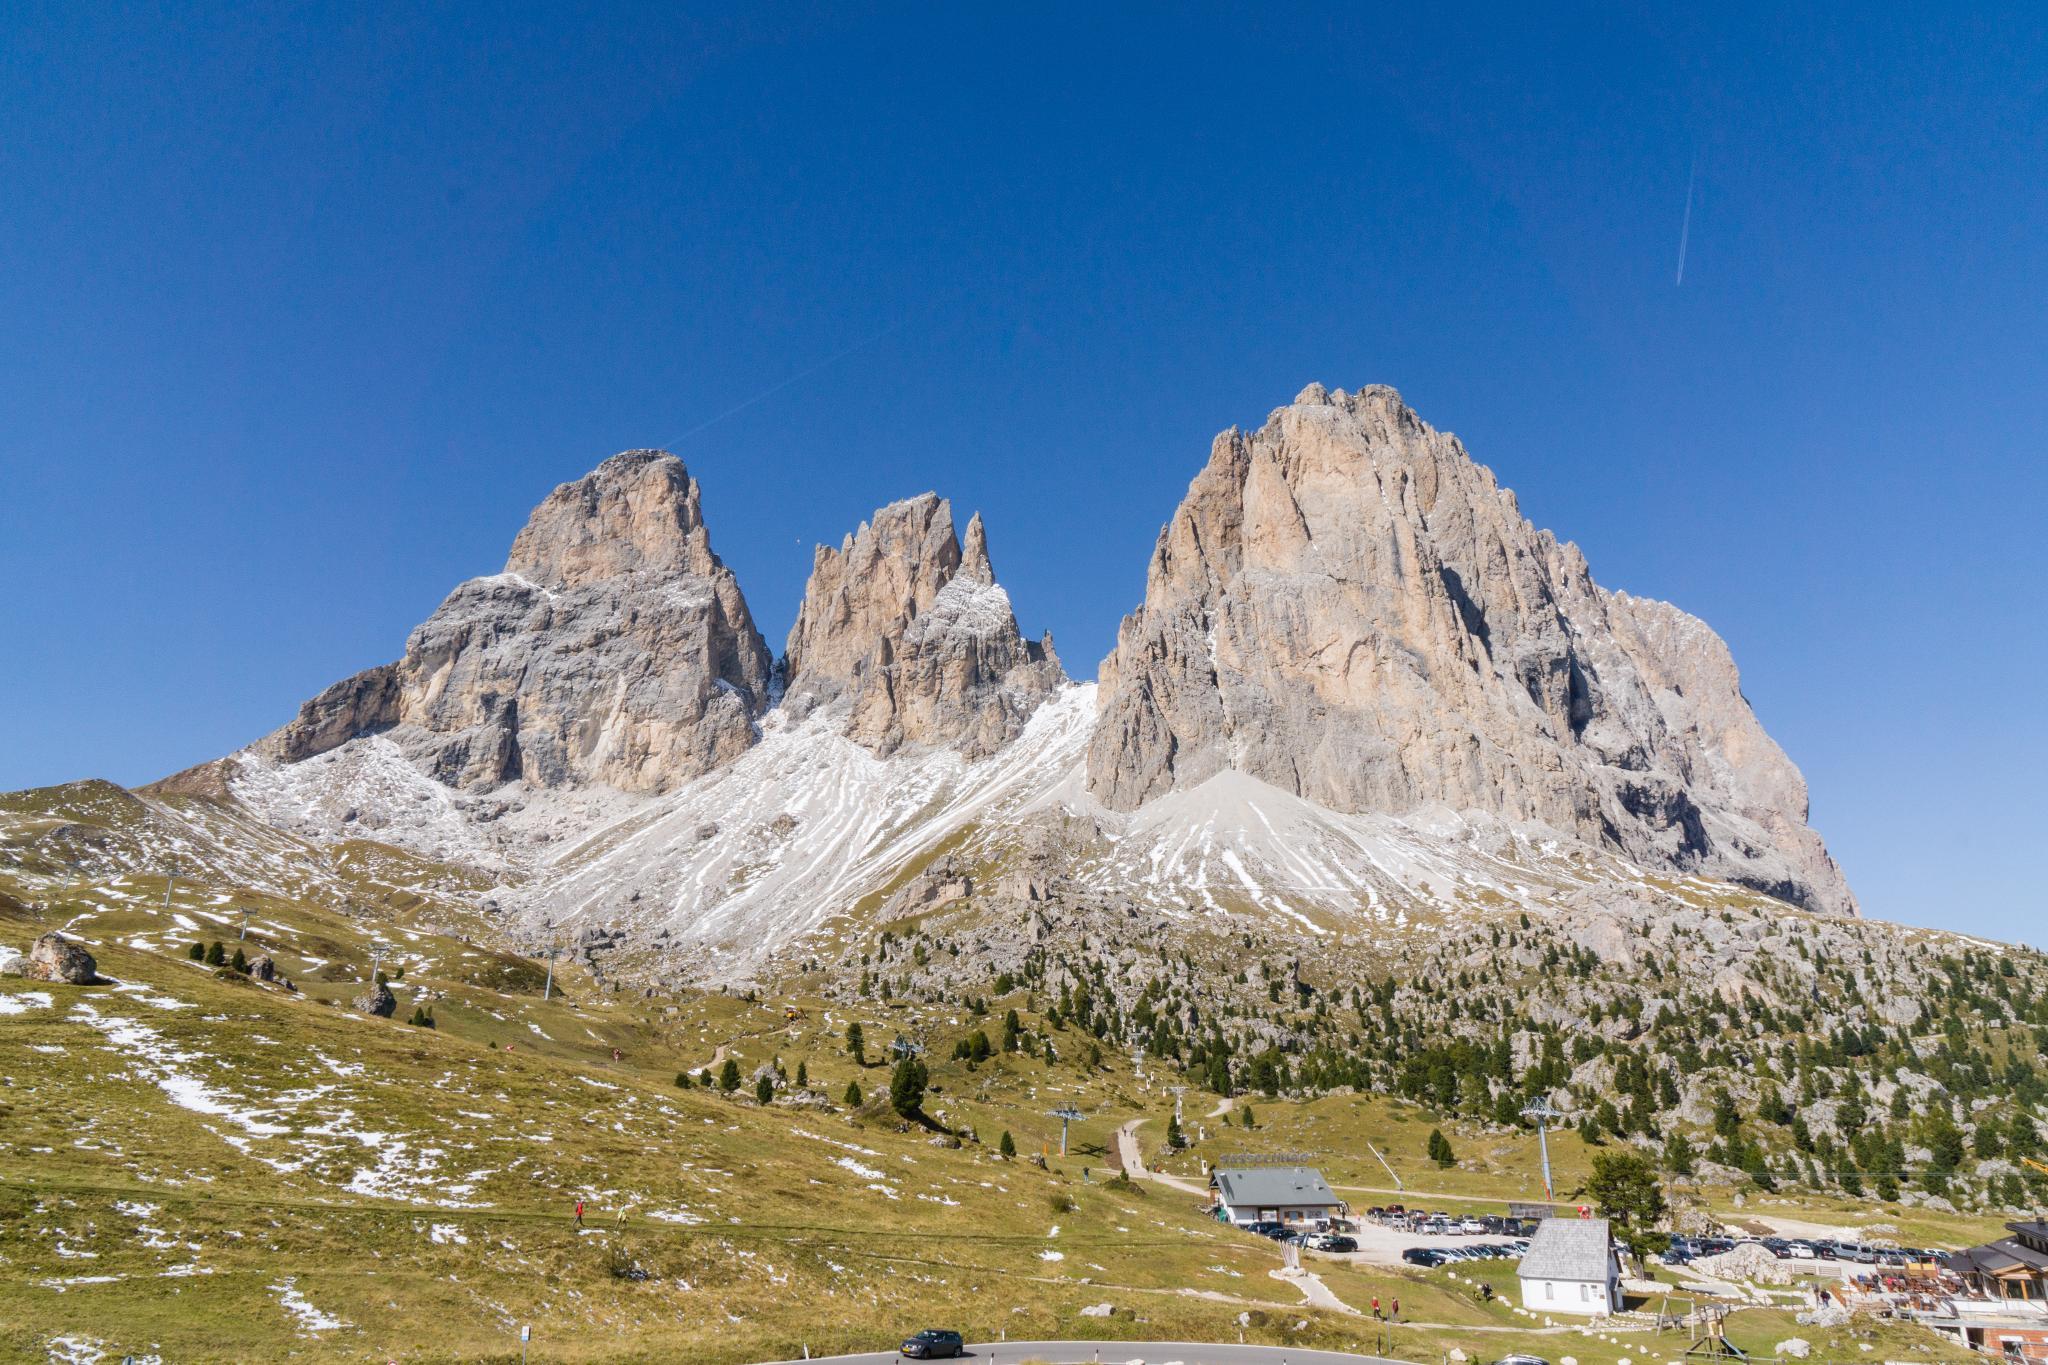 【義大利】健行在阿爾卑斯的絕美秘境:多洛米提山脈 (The Dolomites) 行程規劃全攻略 14